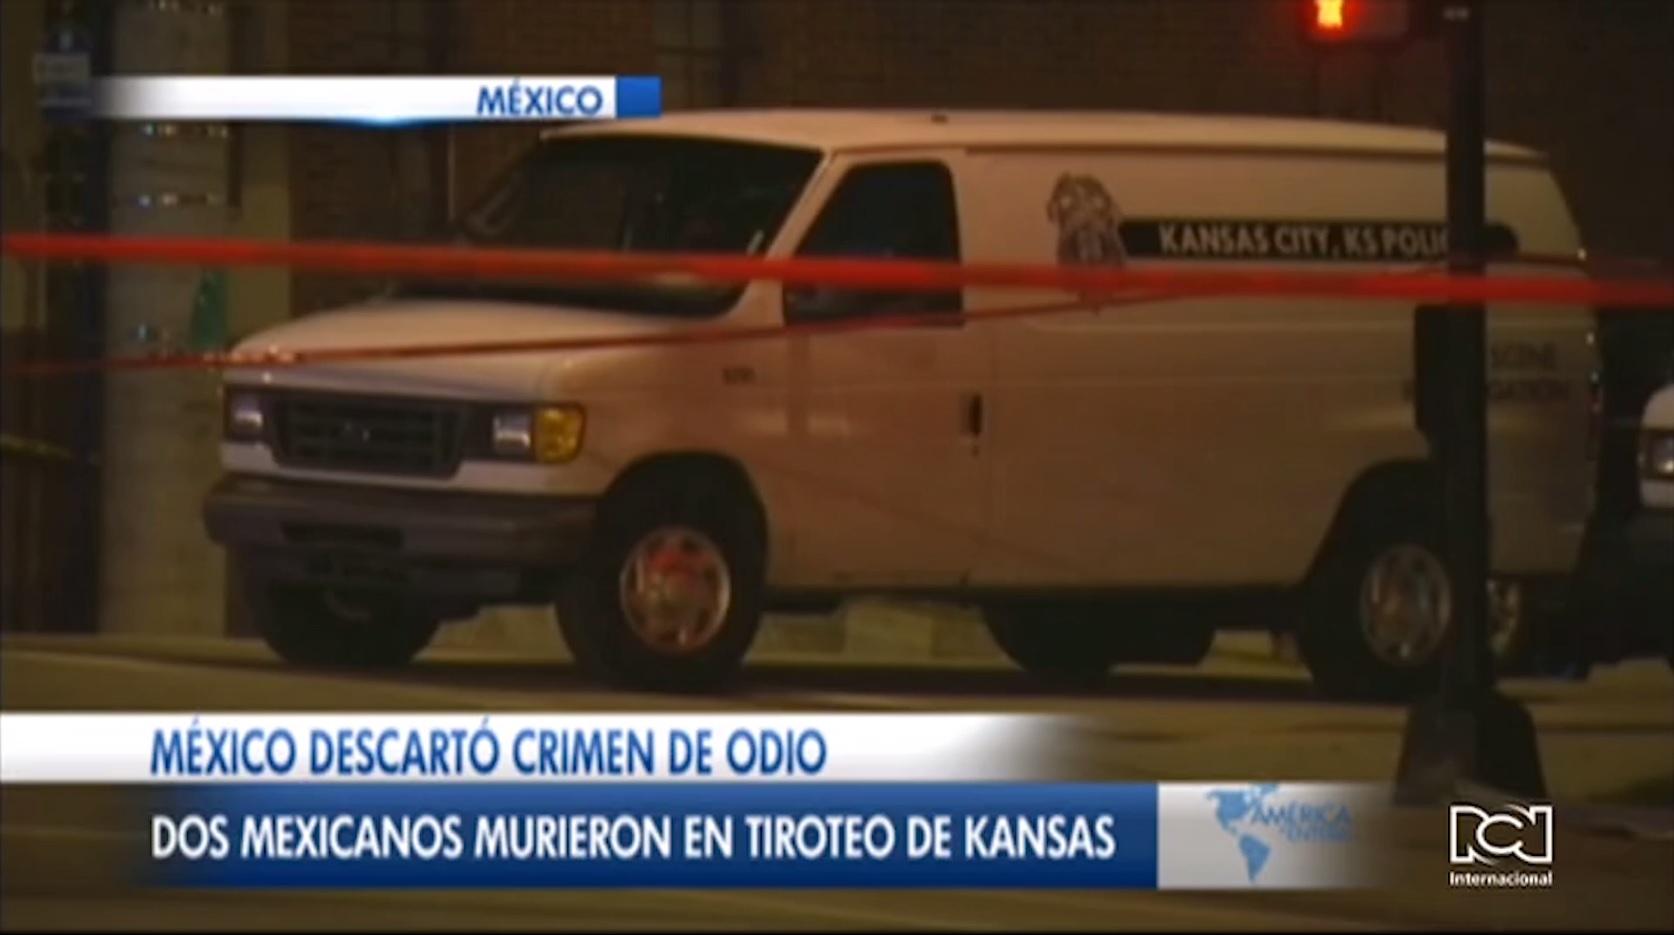 México descarta crimen de odio en tiroteo en el que murieron dos mexicanos en Kansas